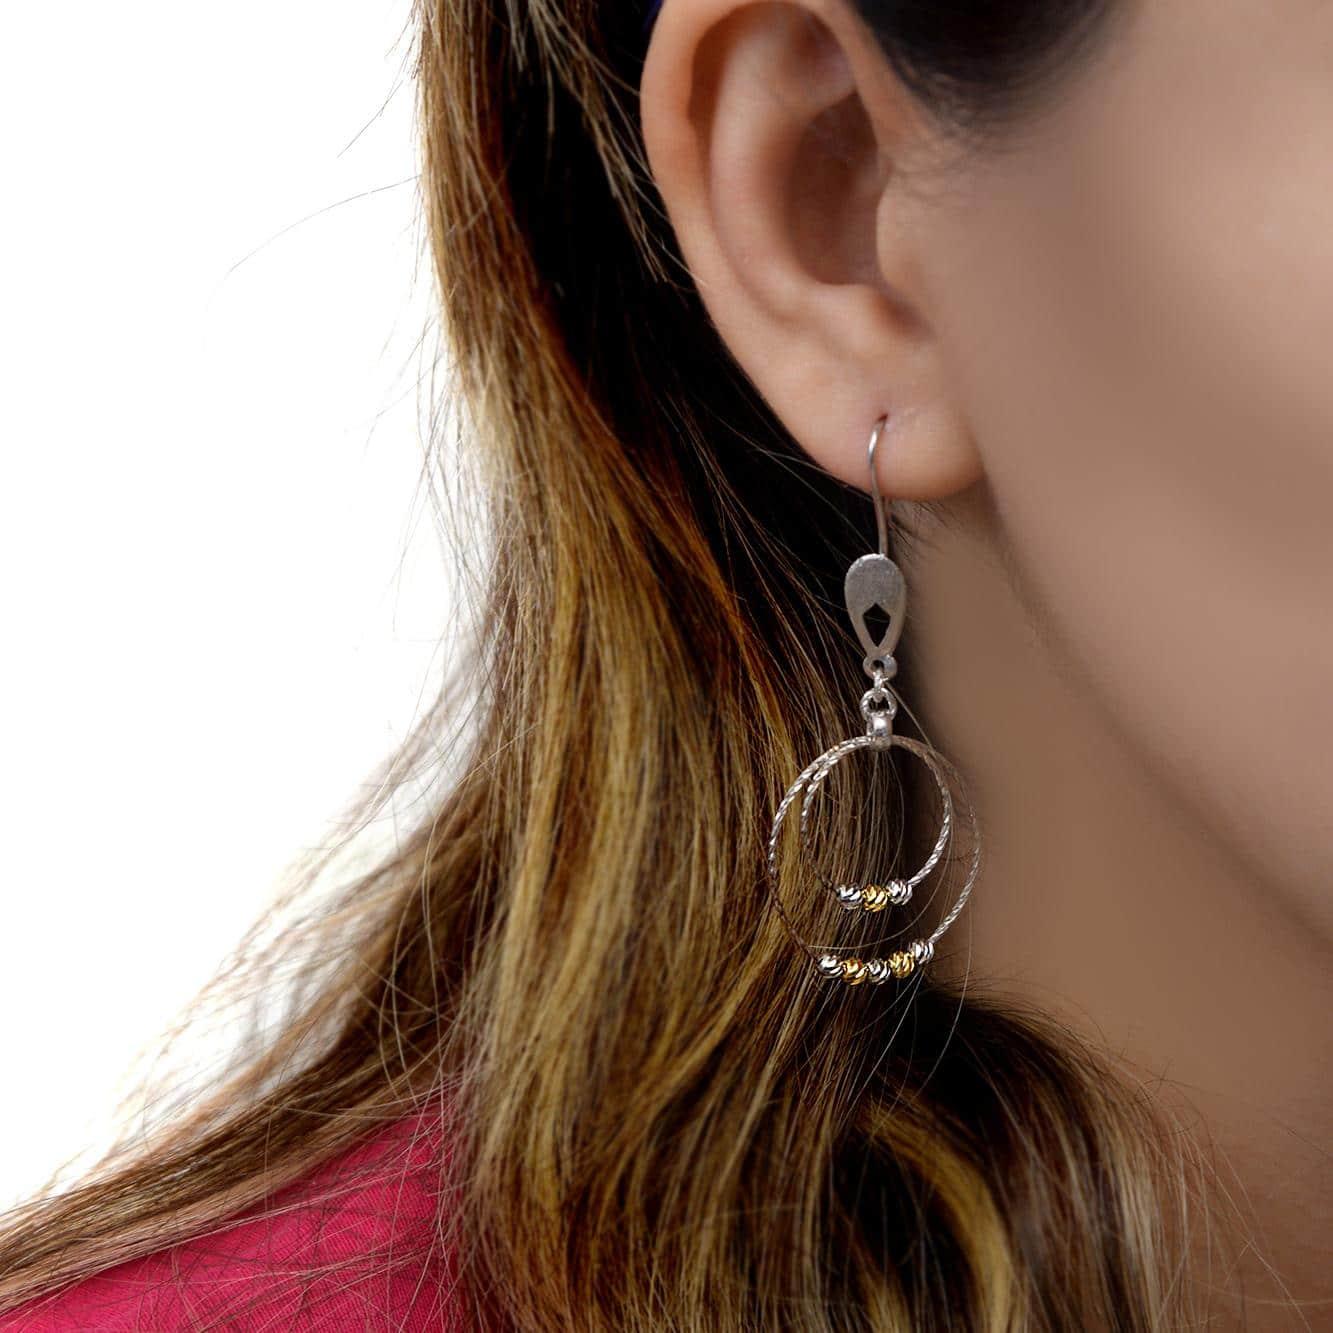 گوشواره زنانه نقره طرح حلقه بزرگ er-n161 از نمای روی گوش